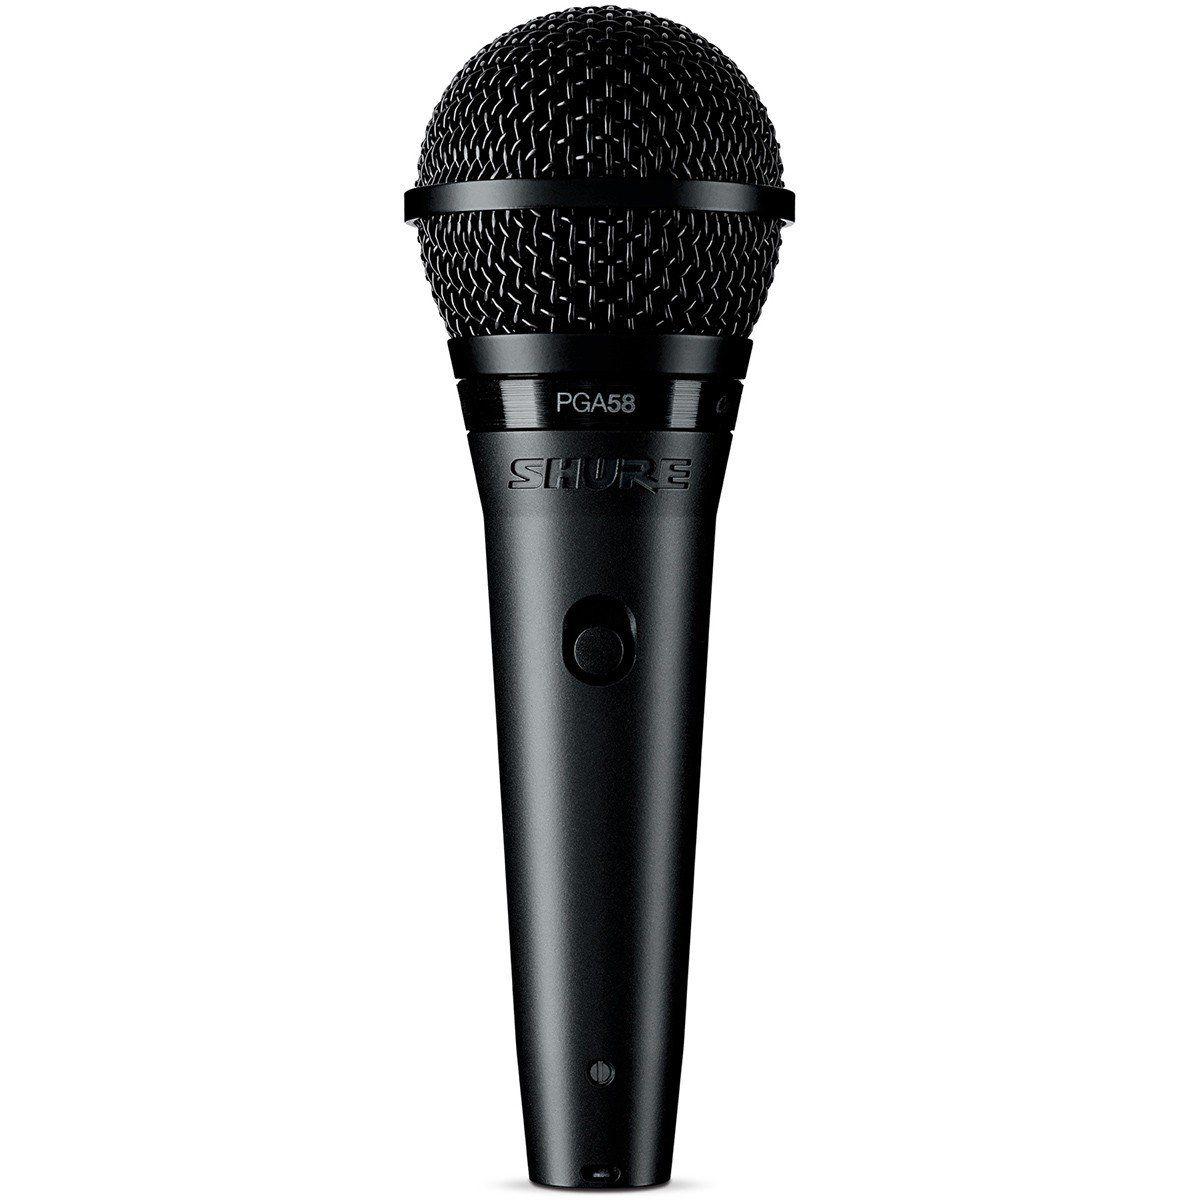 Shure PGA58 Microfone Dinâmico Cardioide Shure PGA 58 para Voz